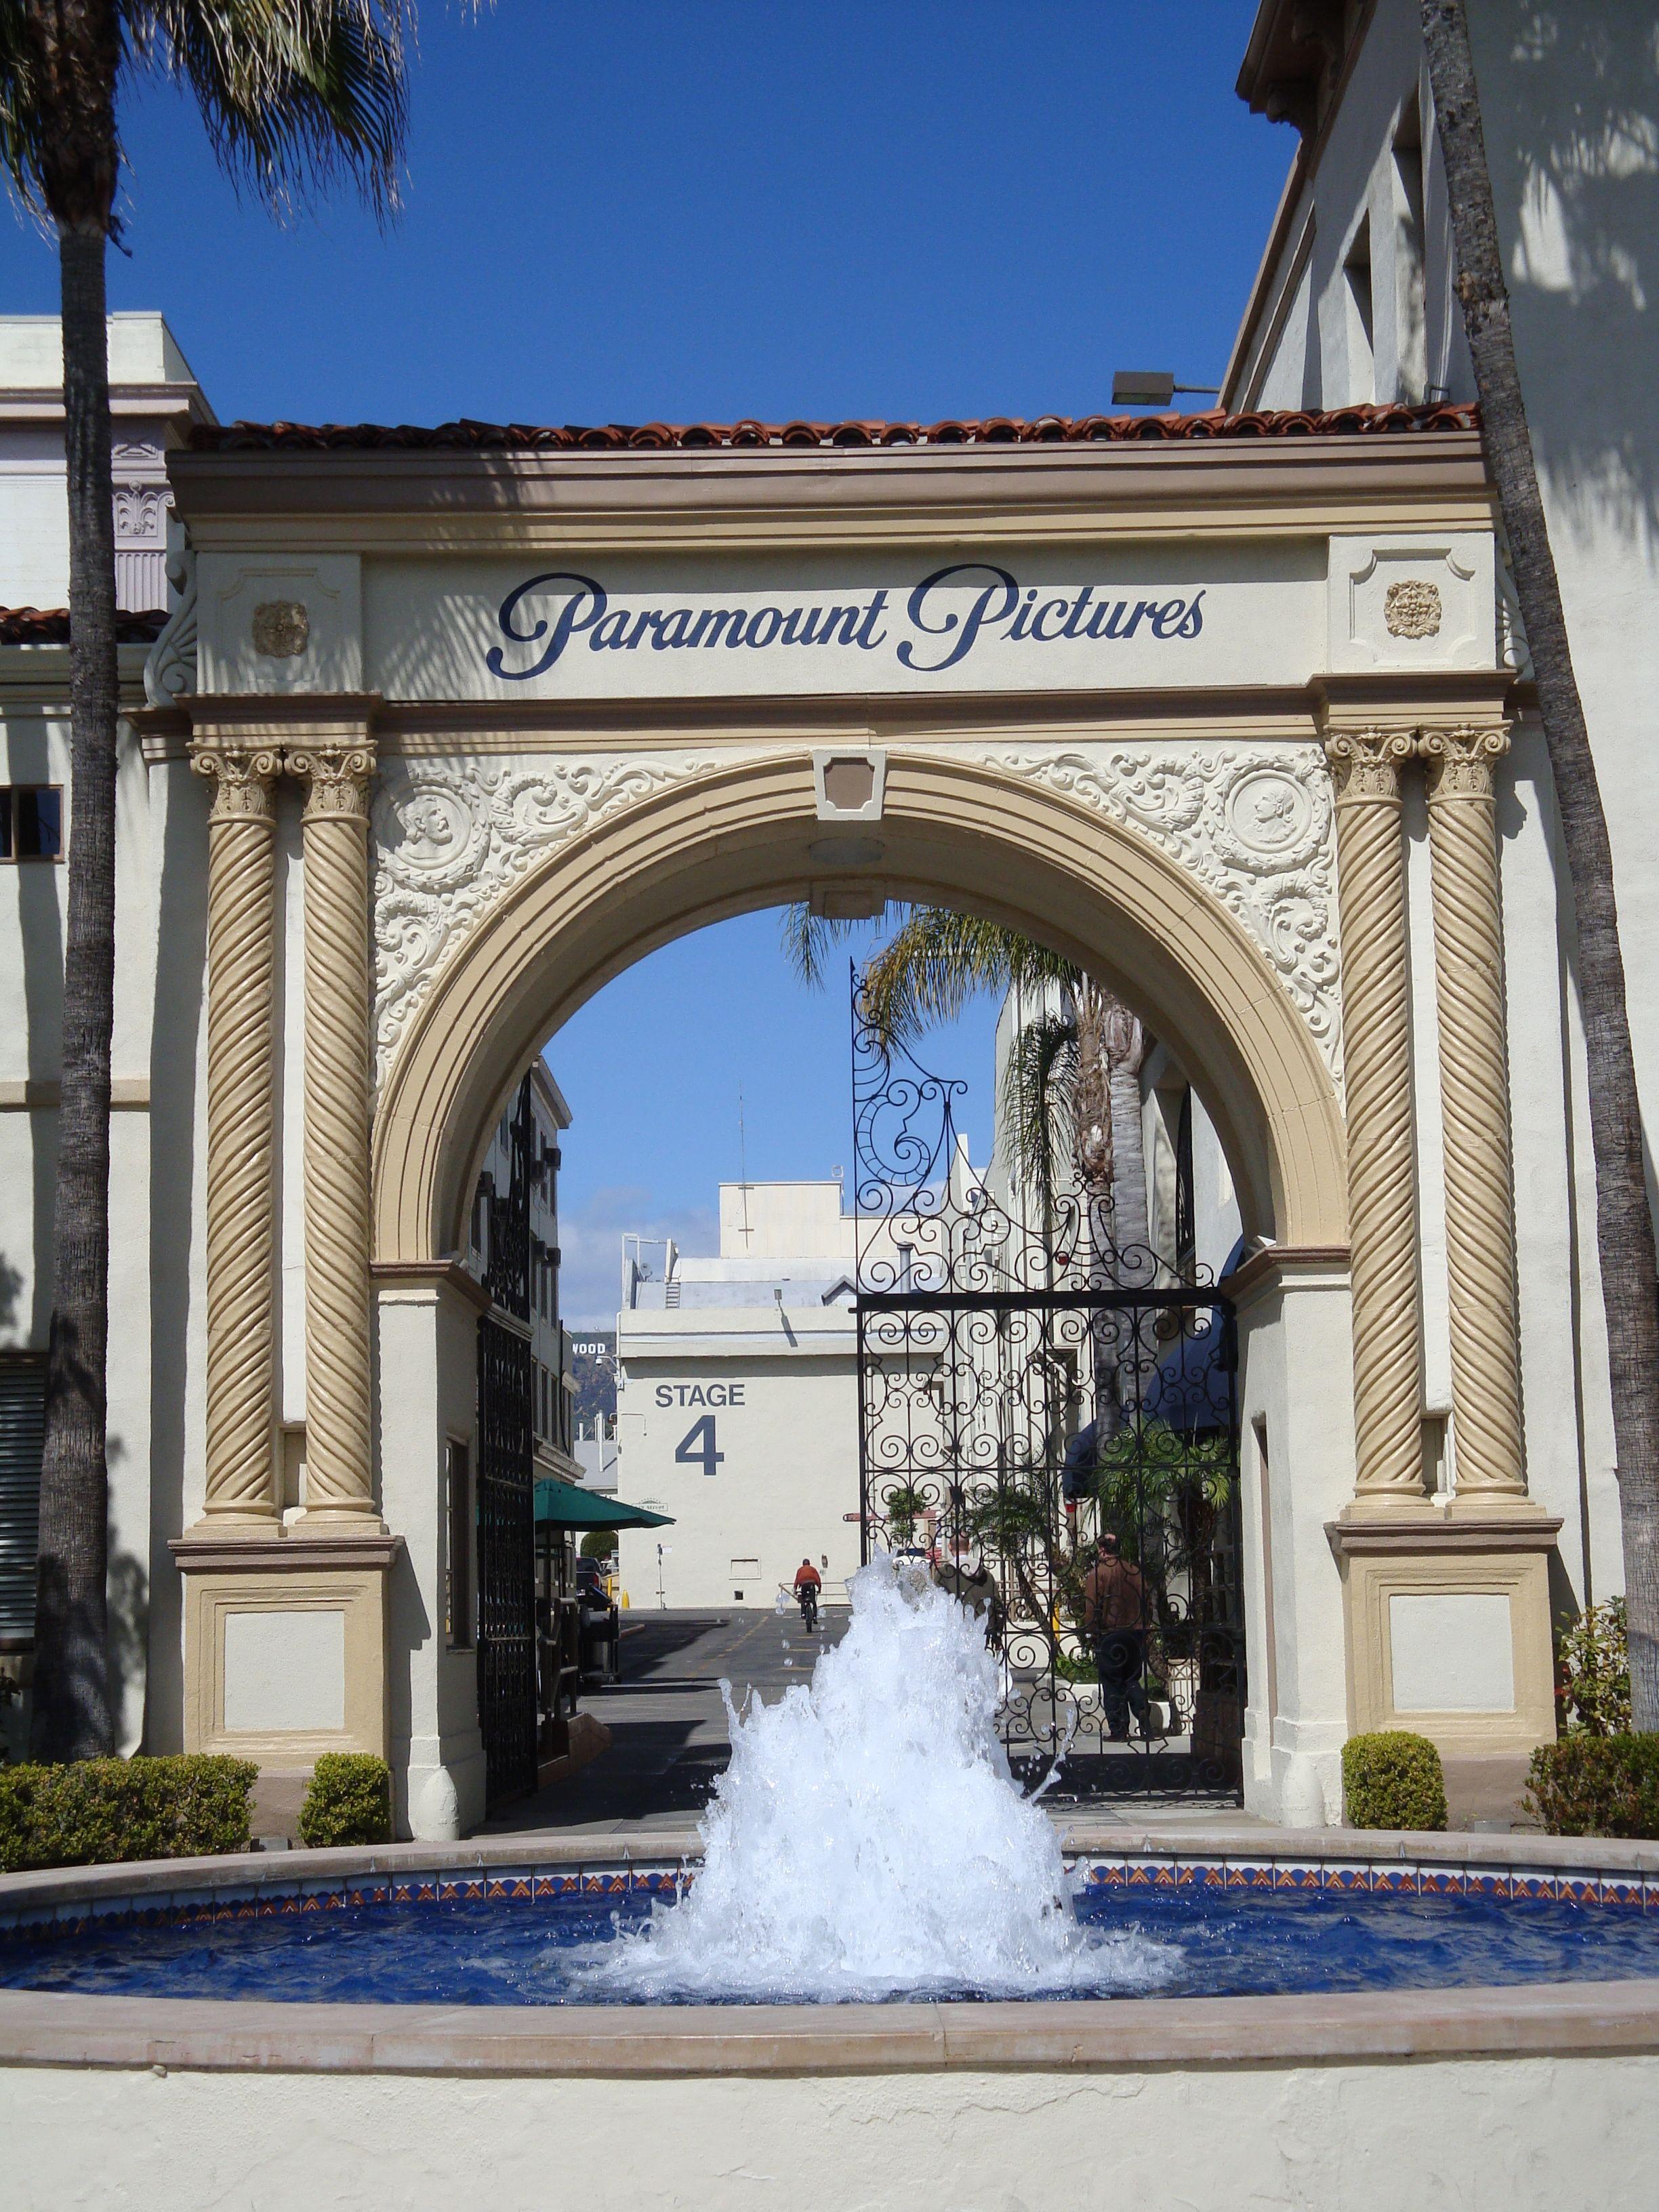 Los Angeles Movie Studio Tours Ranked Geektyrant Studio Tours Los Angeles Warner Brothers Studio Tour Studio Tour